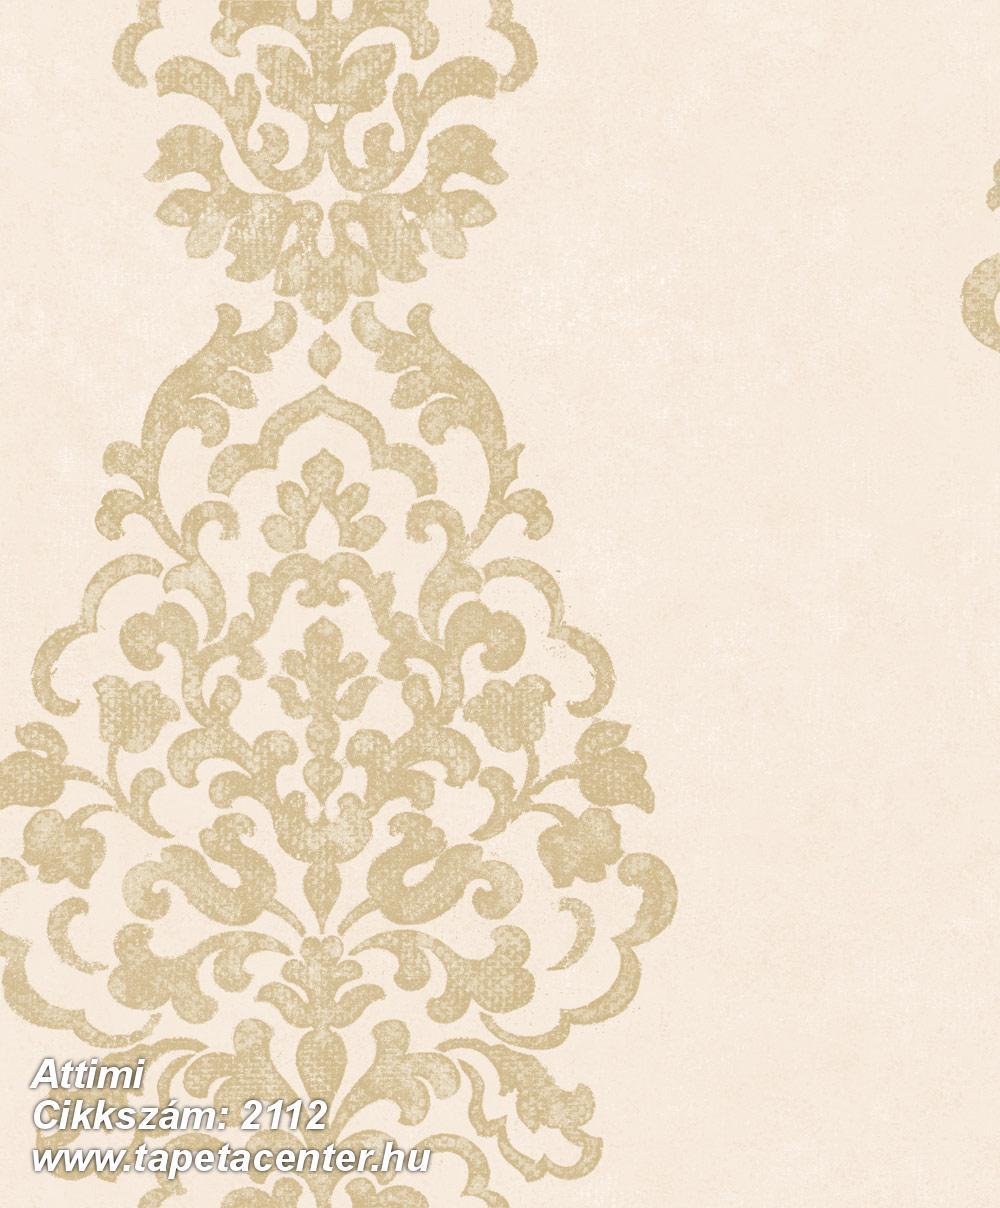 Barokk-klasszikus,barna,bézs-drapp,arany,gyengén mosható,vlies tapéta